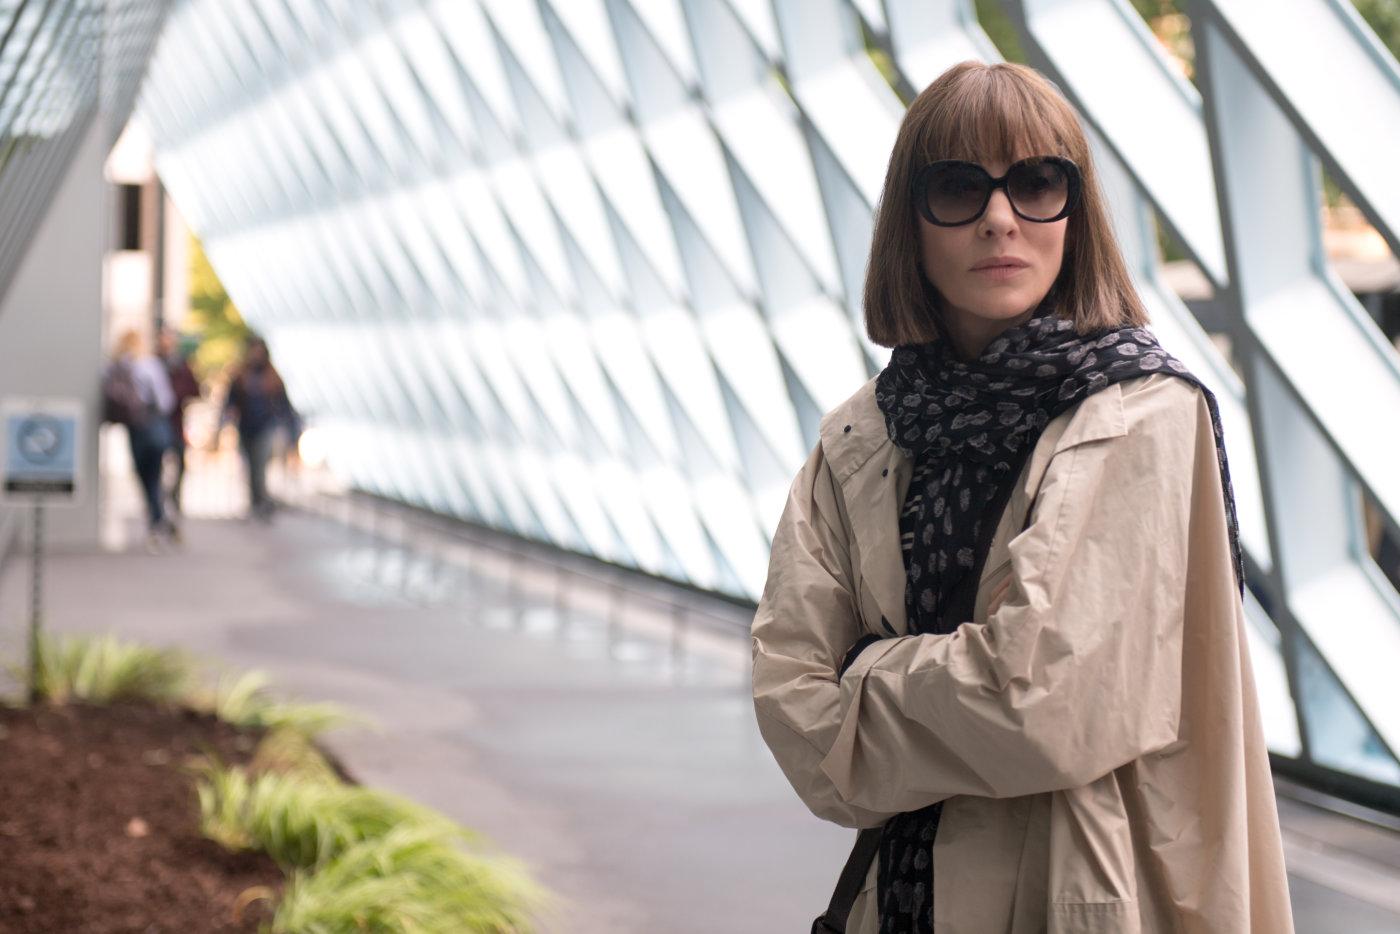 Movie Review: Where'd You Go, Bernadette